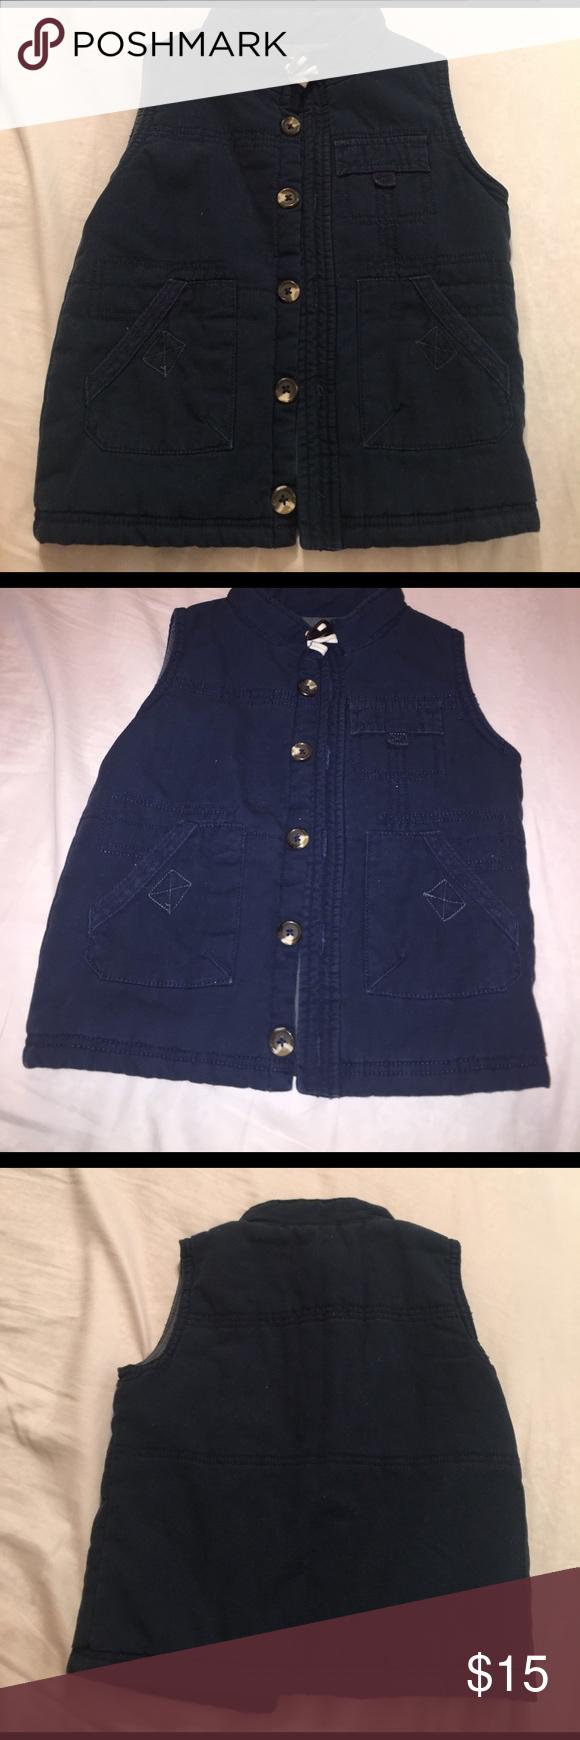 OshKosh Vest Genuine Kids From Oshkosh Navy vest, excellent condition, worn once. Osh Kosh Jackets & Coats Vests